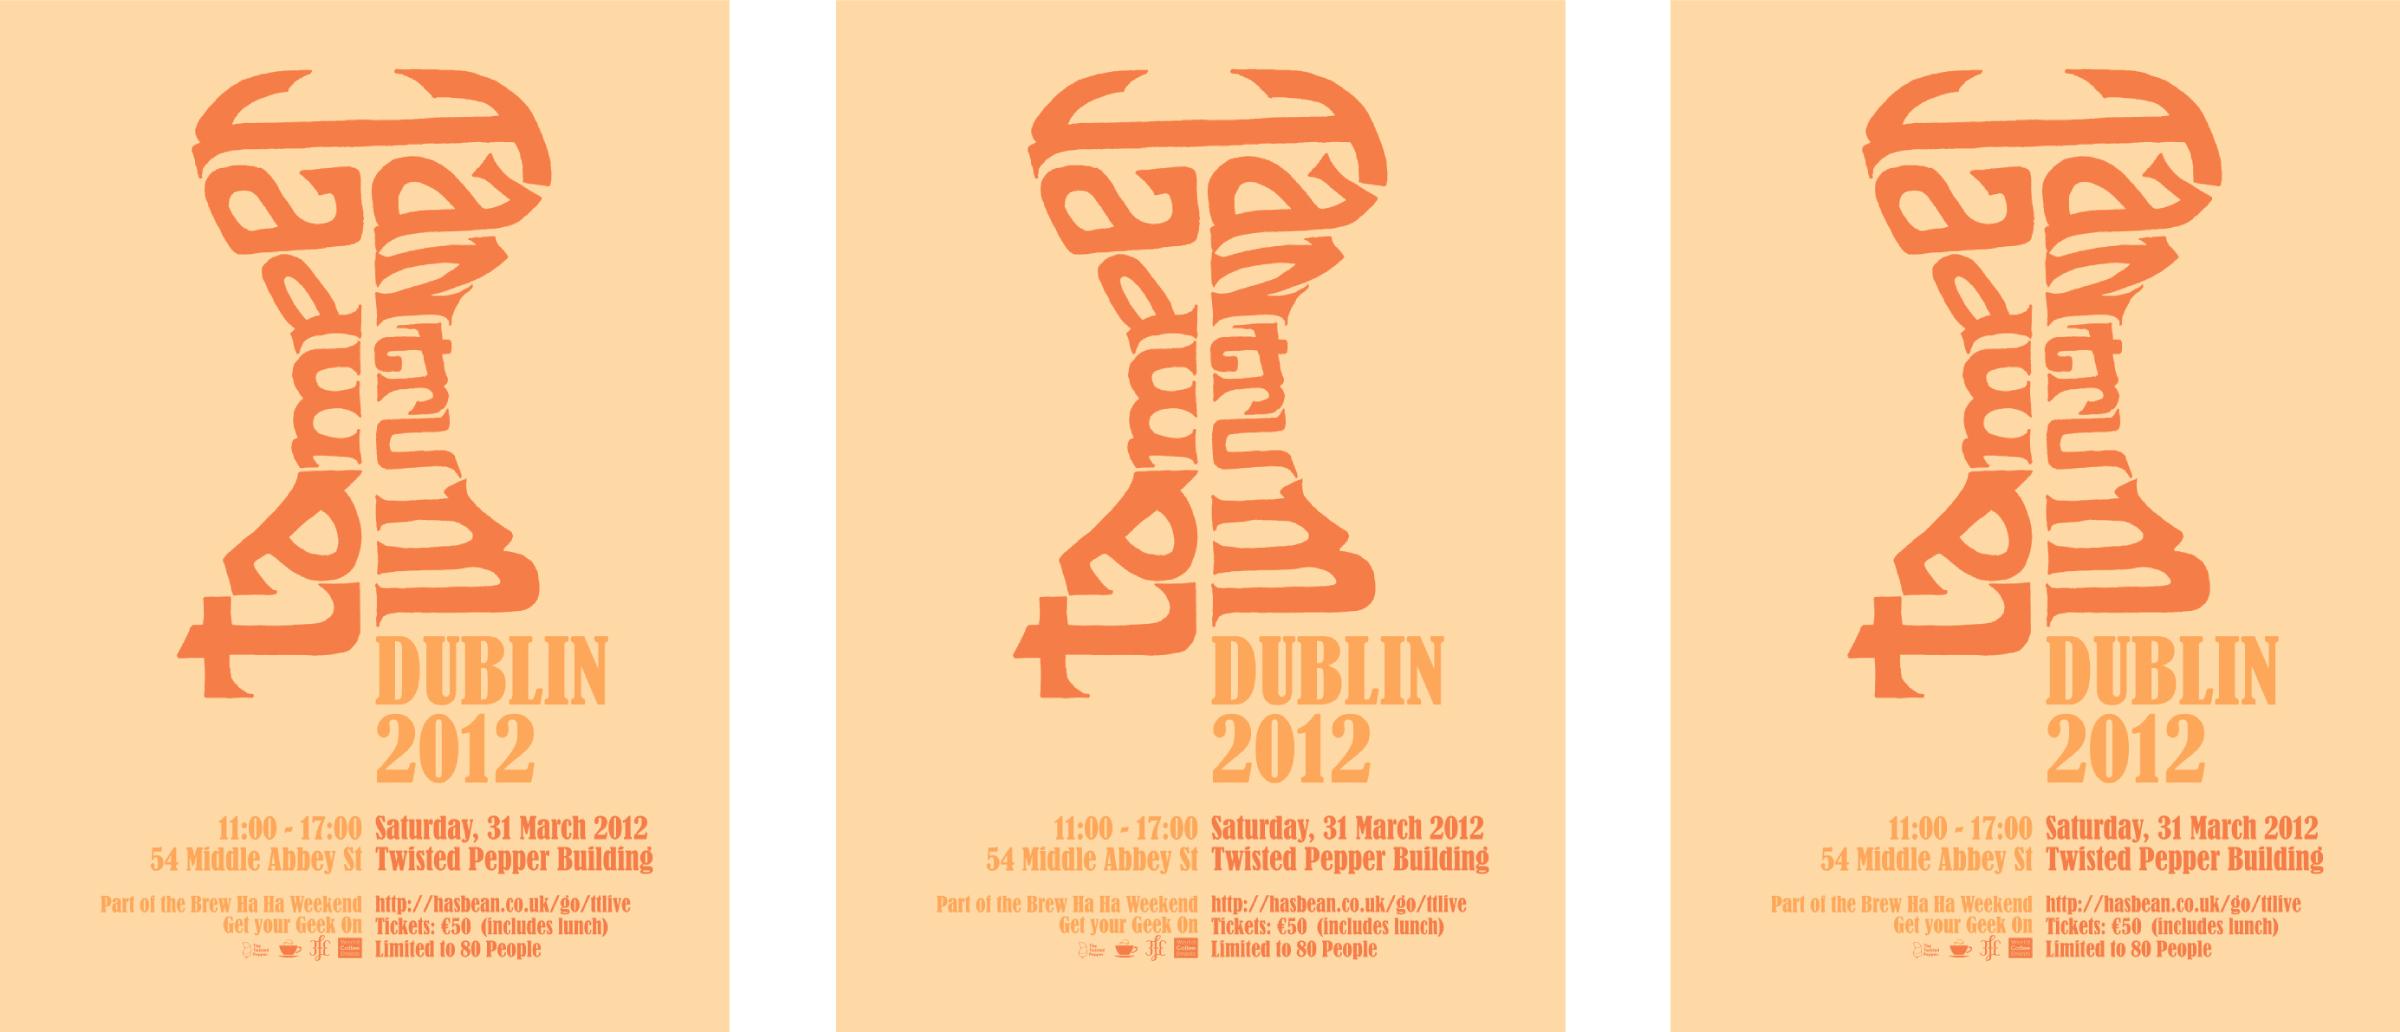 Dublin2012